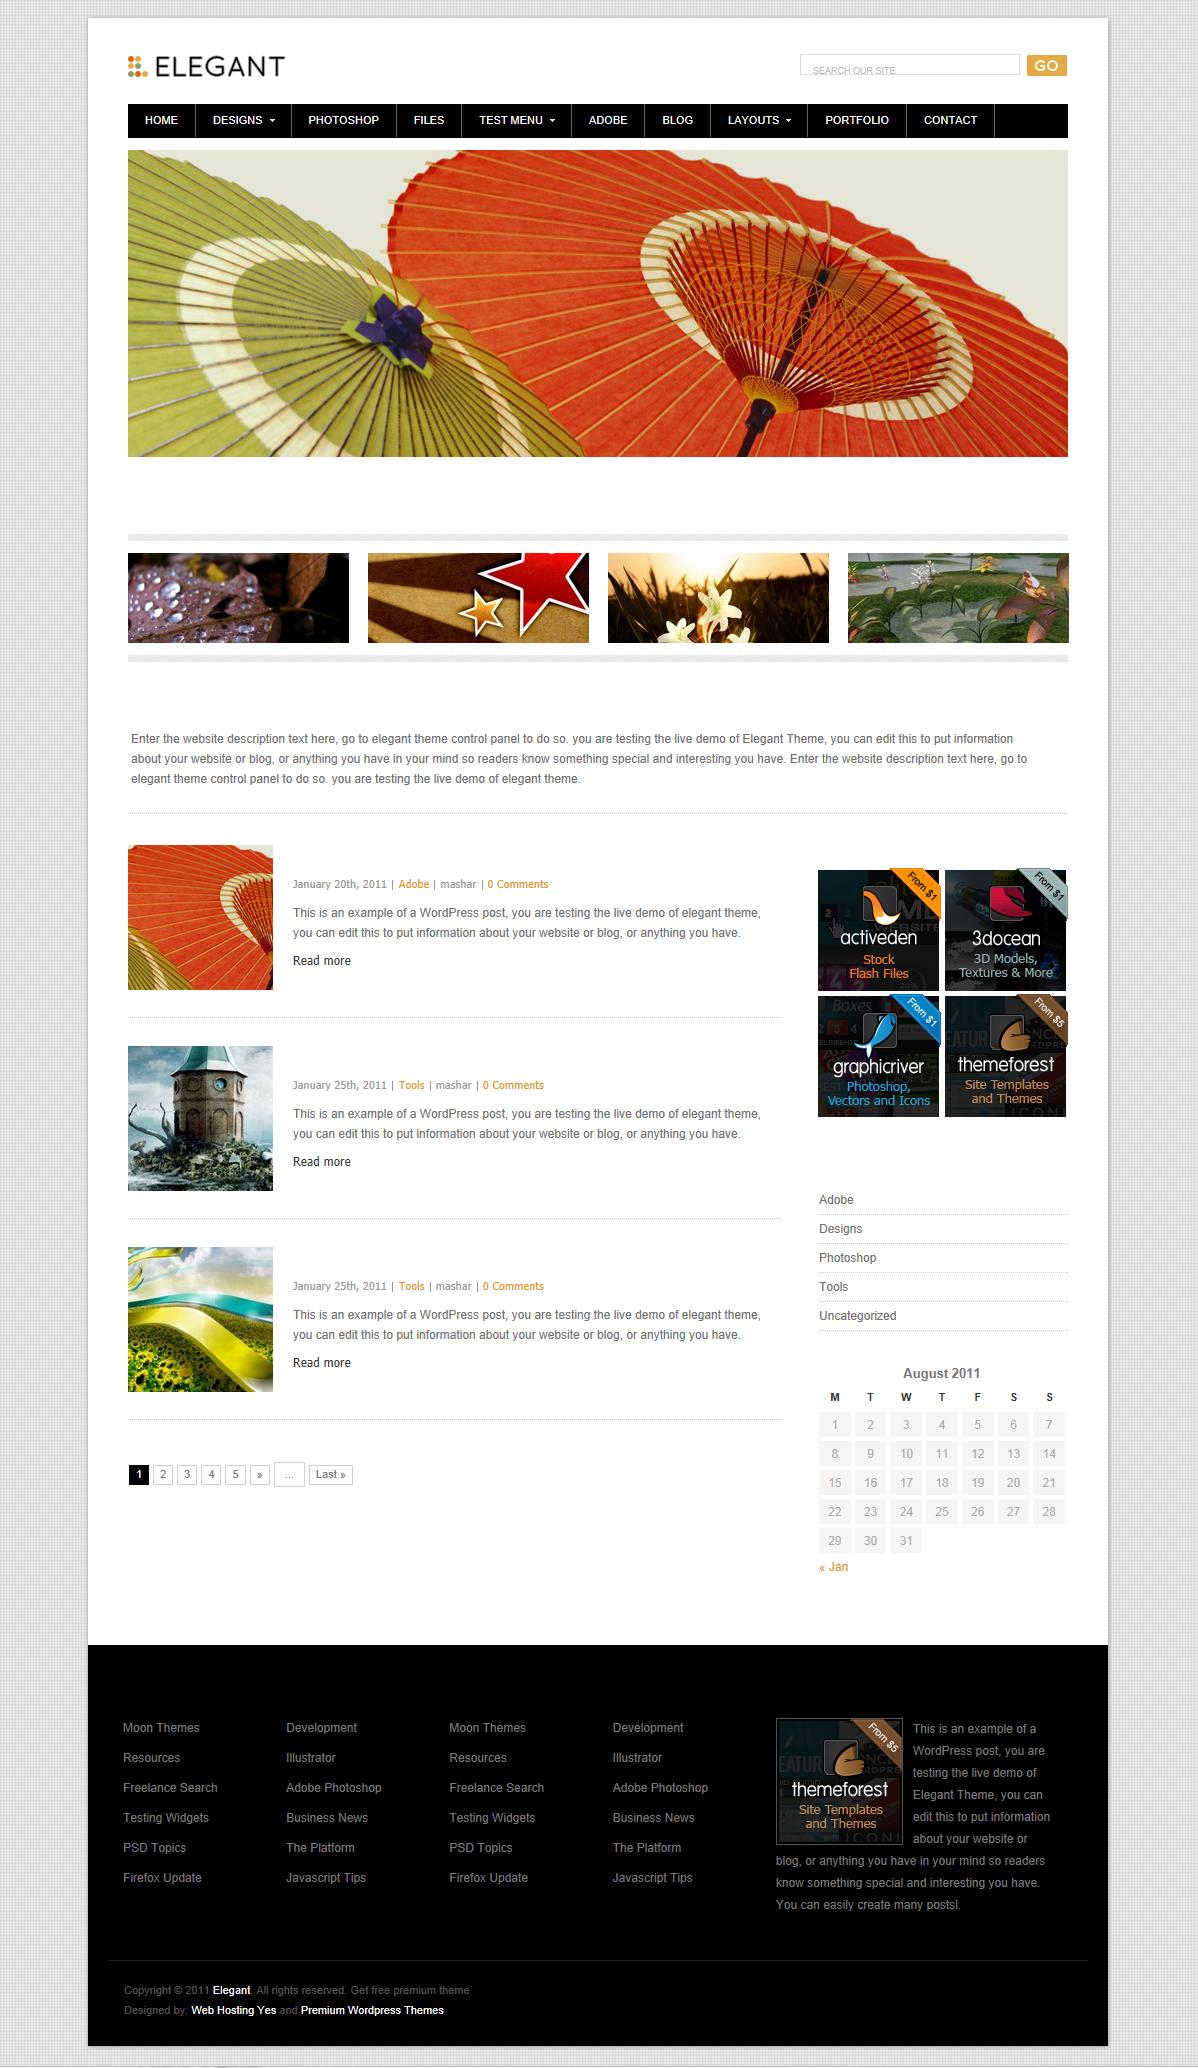 Elegant - красивая современная тема для креативных блоггеров